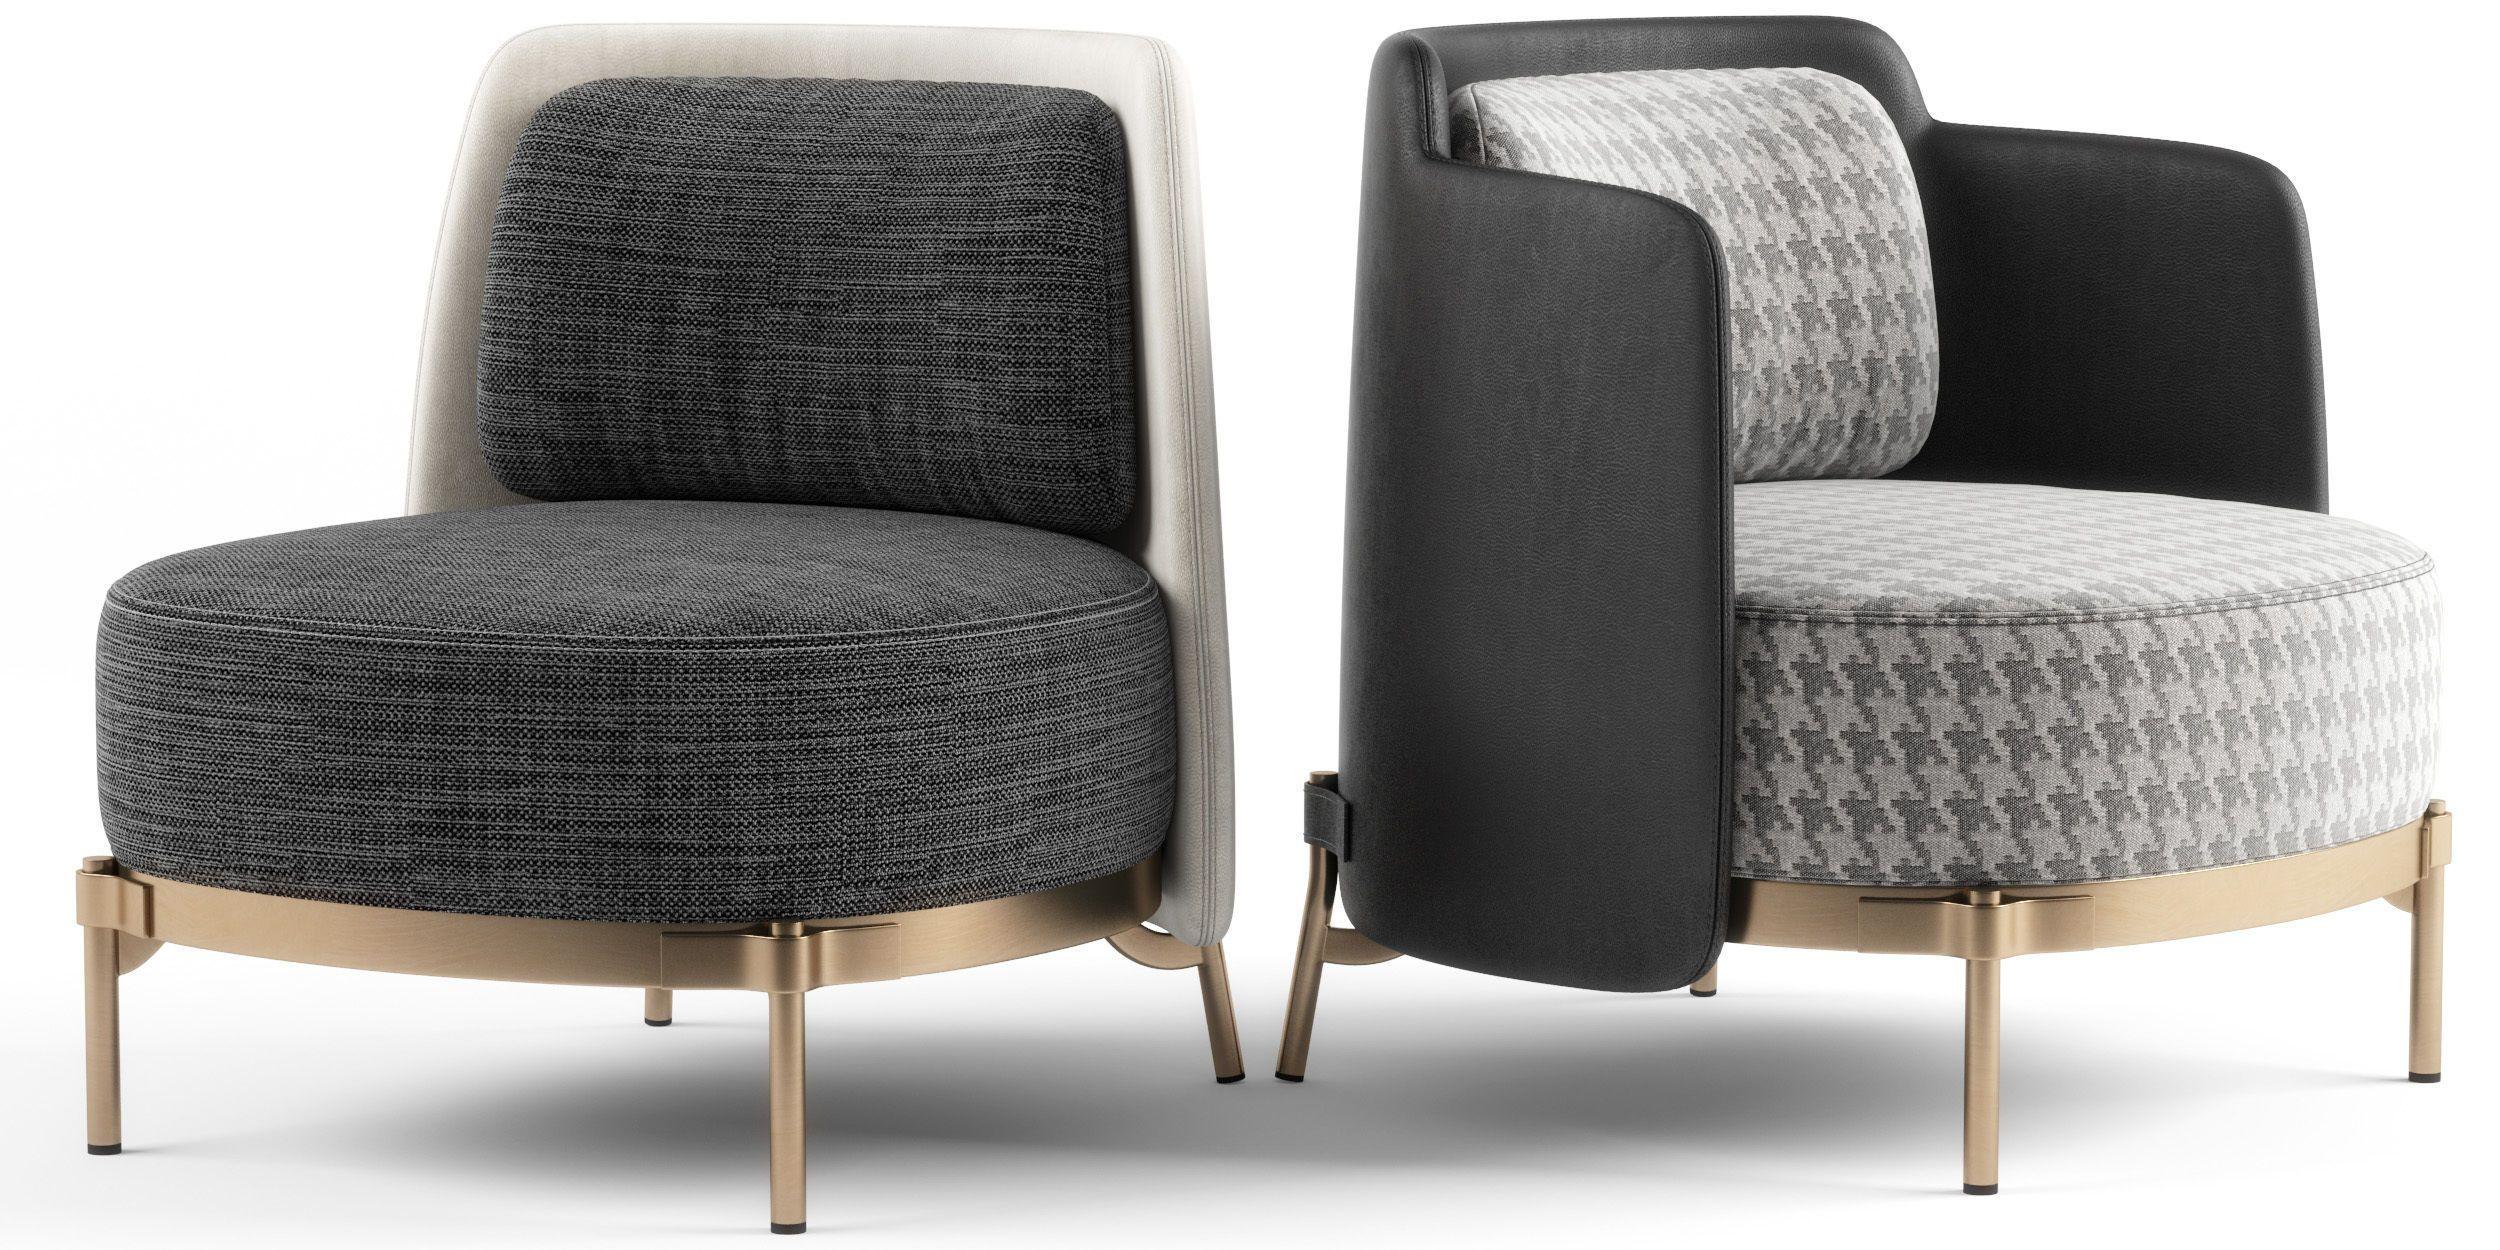 Minotti Tape Armchairs Armchair Furniture Minotti Furniture Furniture Design Sketches